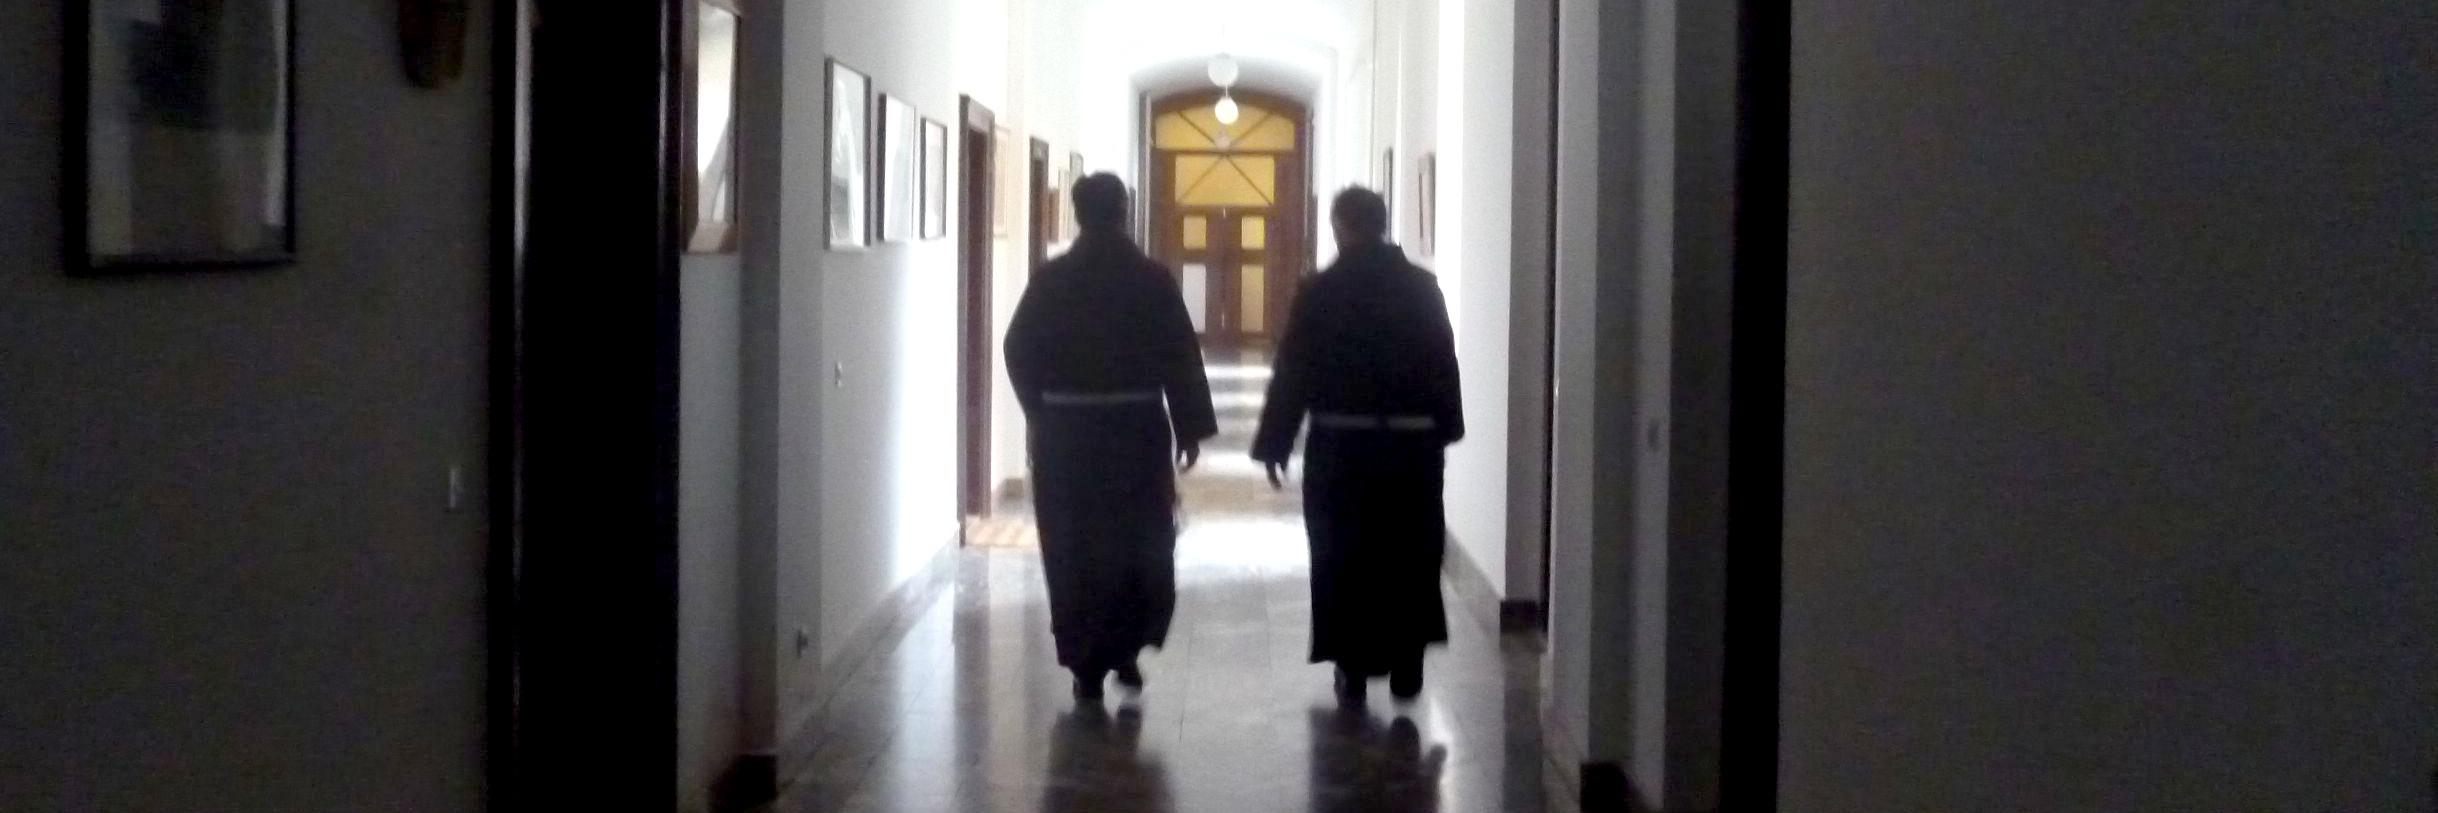 Монастырь св. Бонавентуры